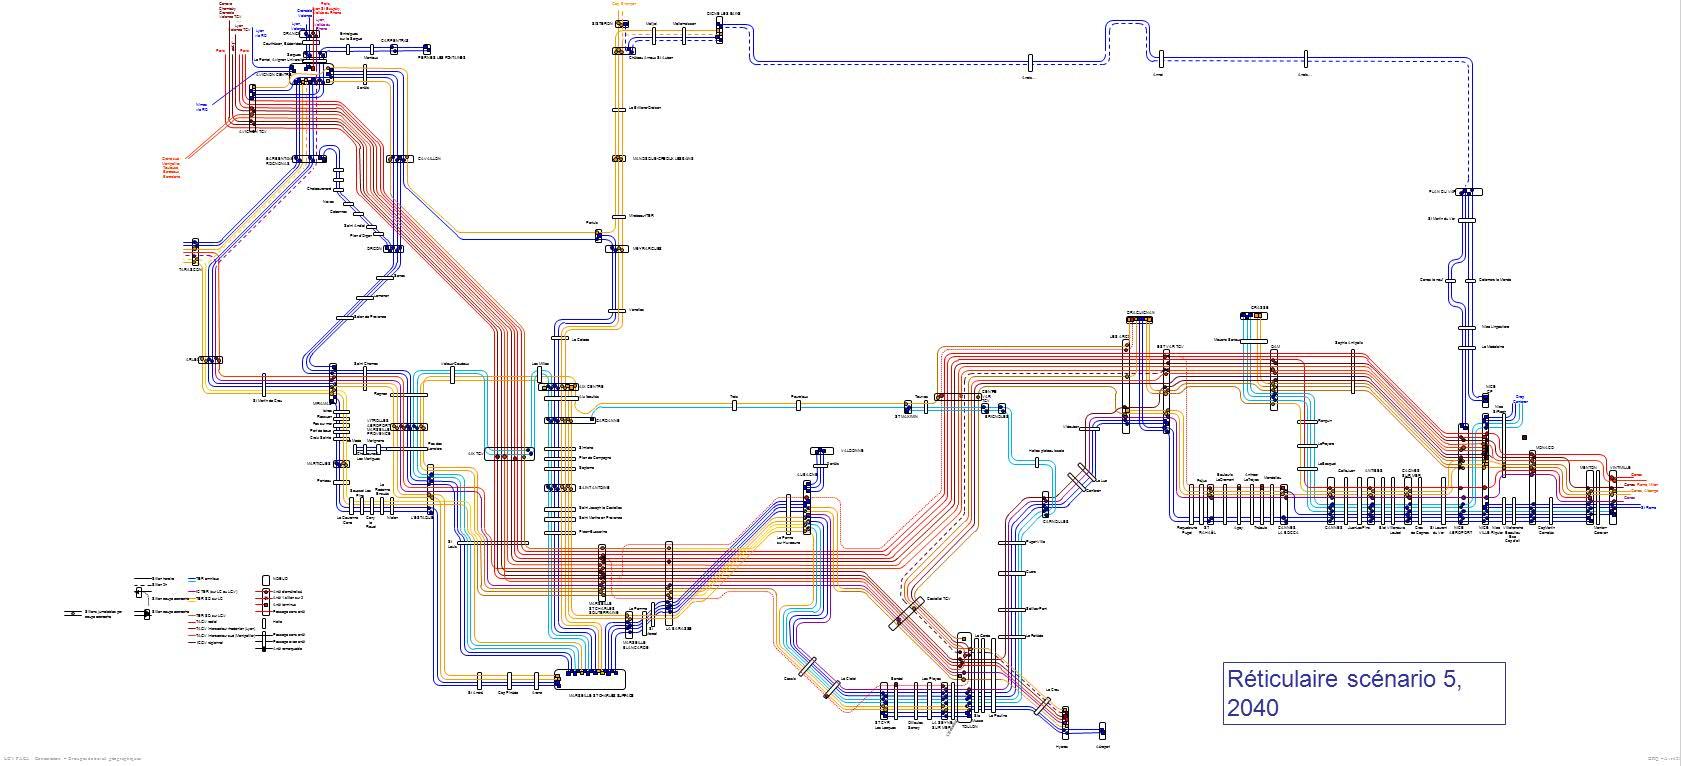 LGV : réticulaire de desserte envisageable pour le 5è scénario dans l'ensemble de la région